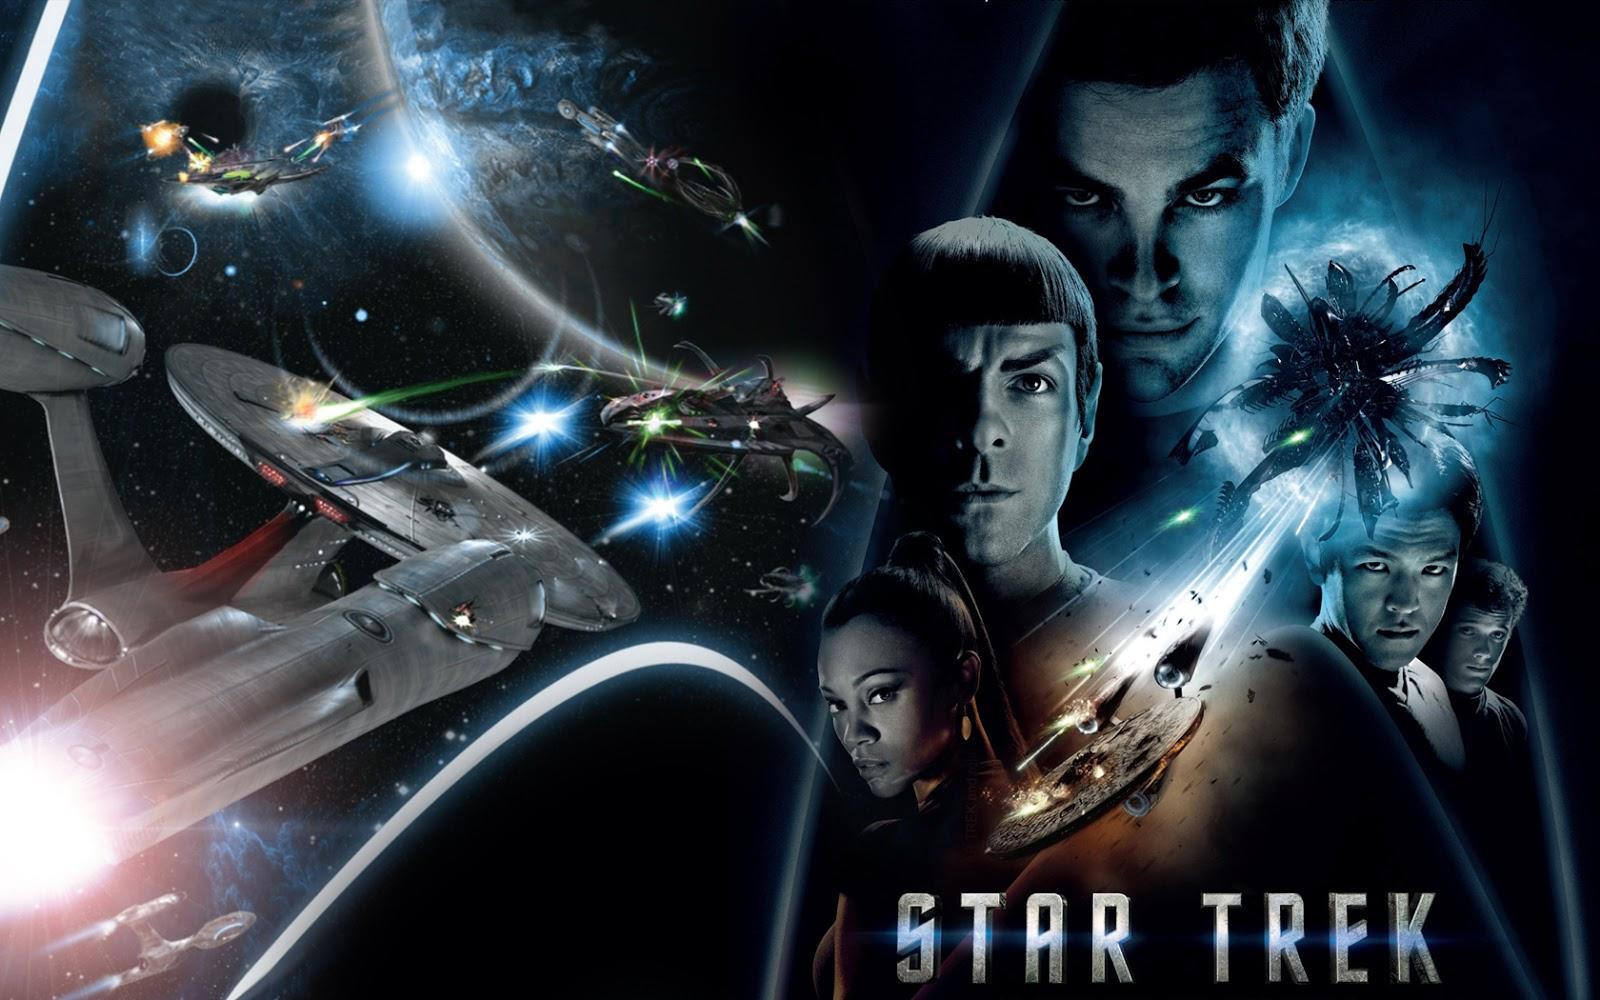 star_trek_2009_wallpapers_by_rehsup-wide